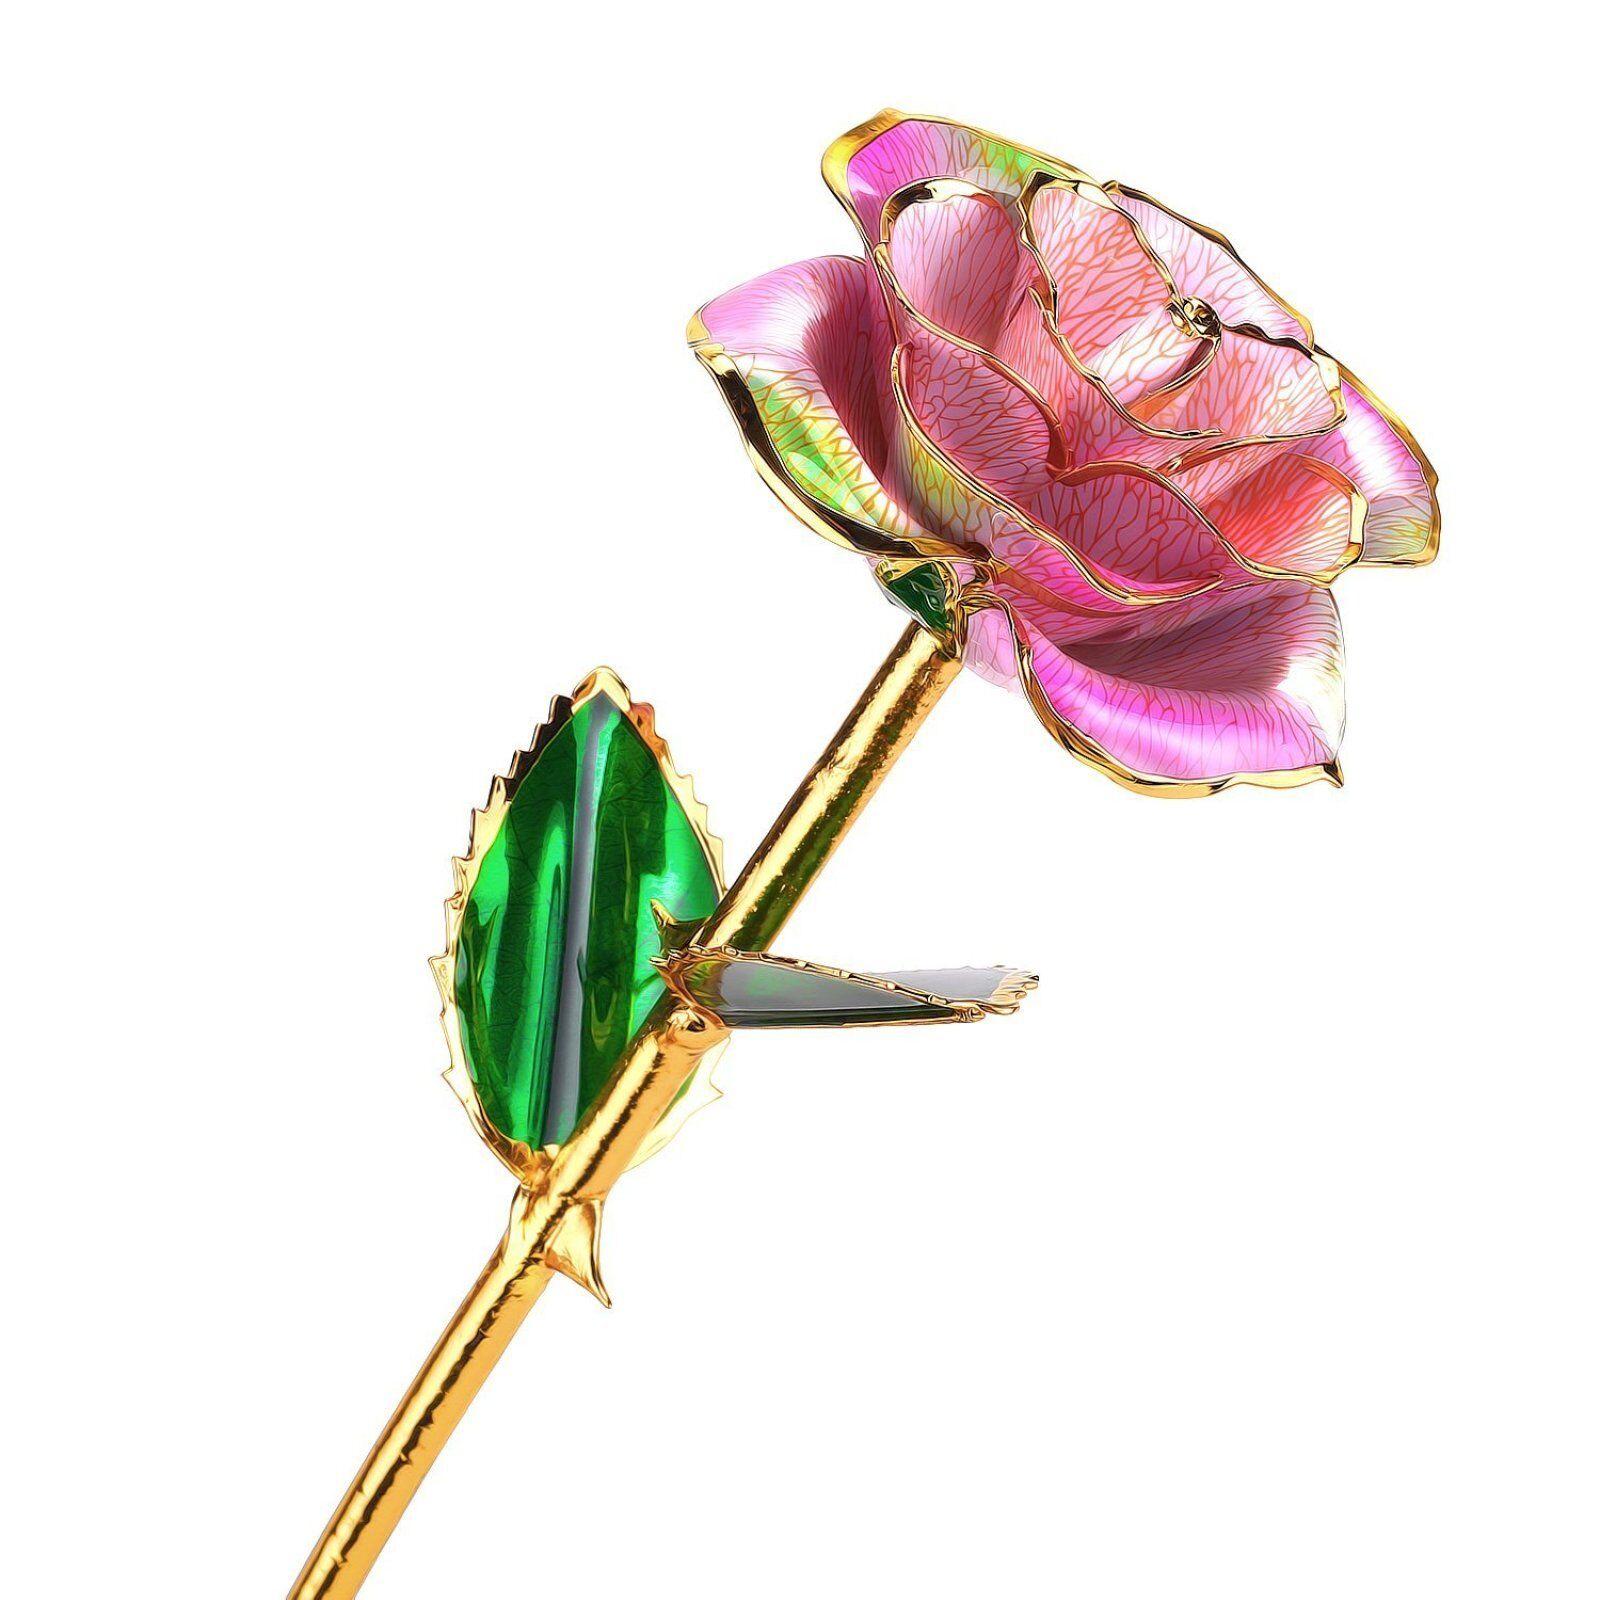 24k Gold Dipped Rose Flower Long Stem Birthday Anniversary Women